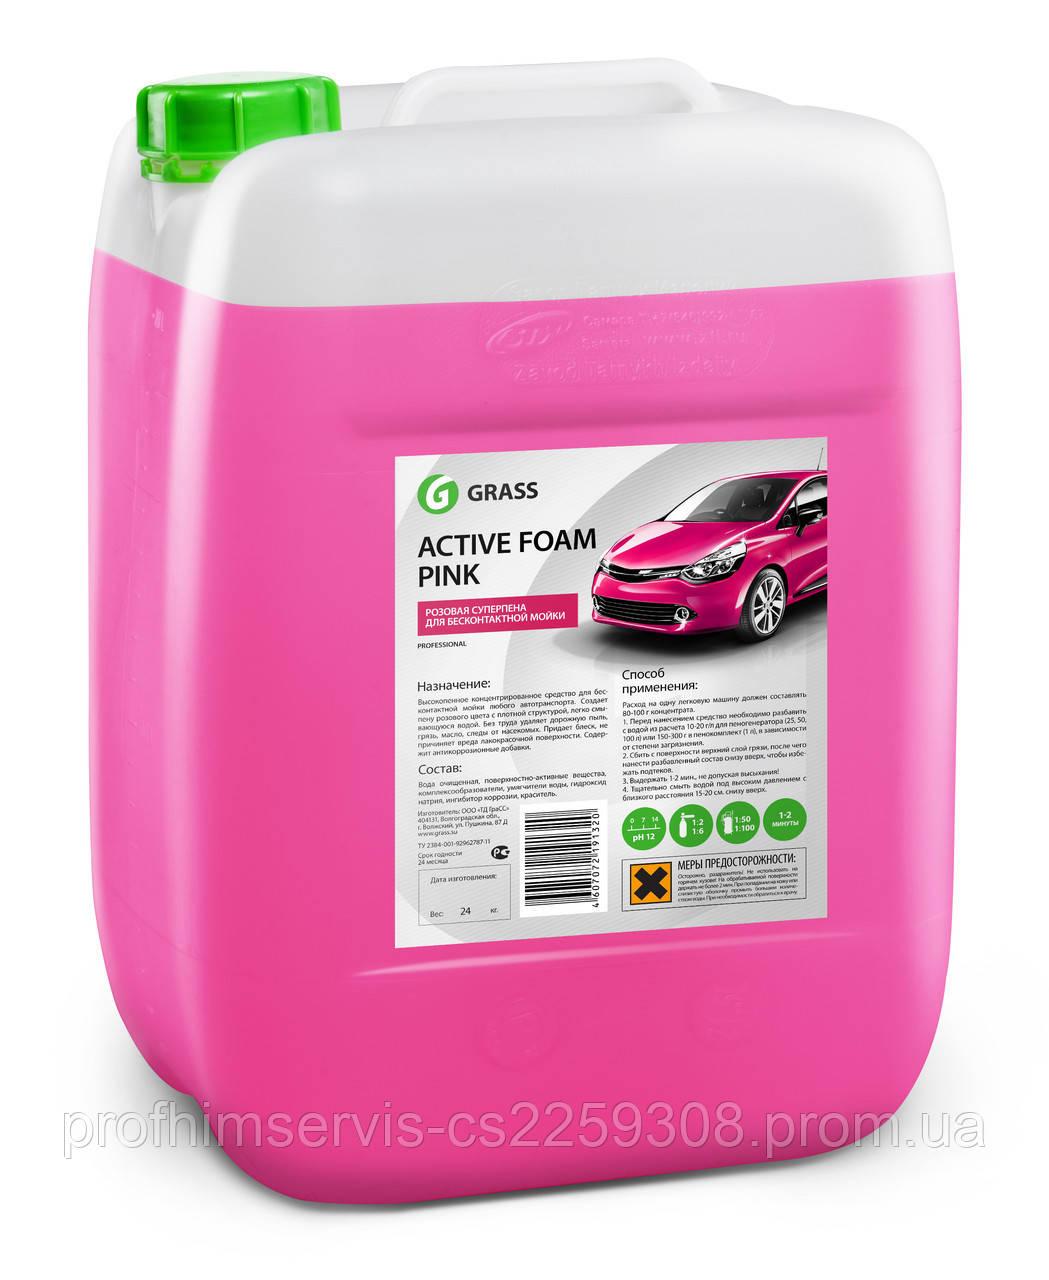 GRASS Авто шампунь для бесконтактной мойки авто Active Foam Pink 12 kg.